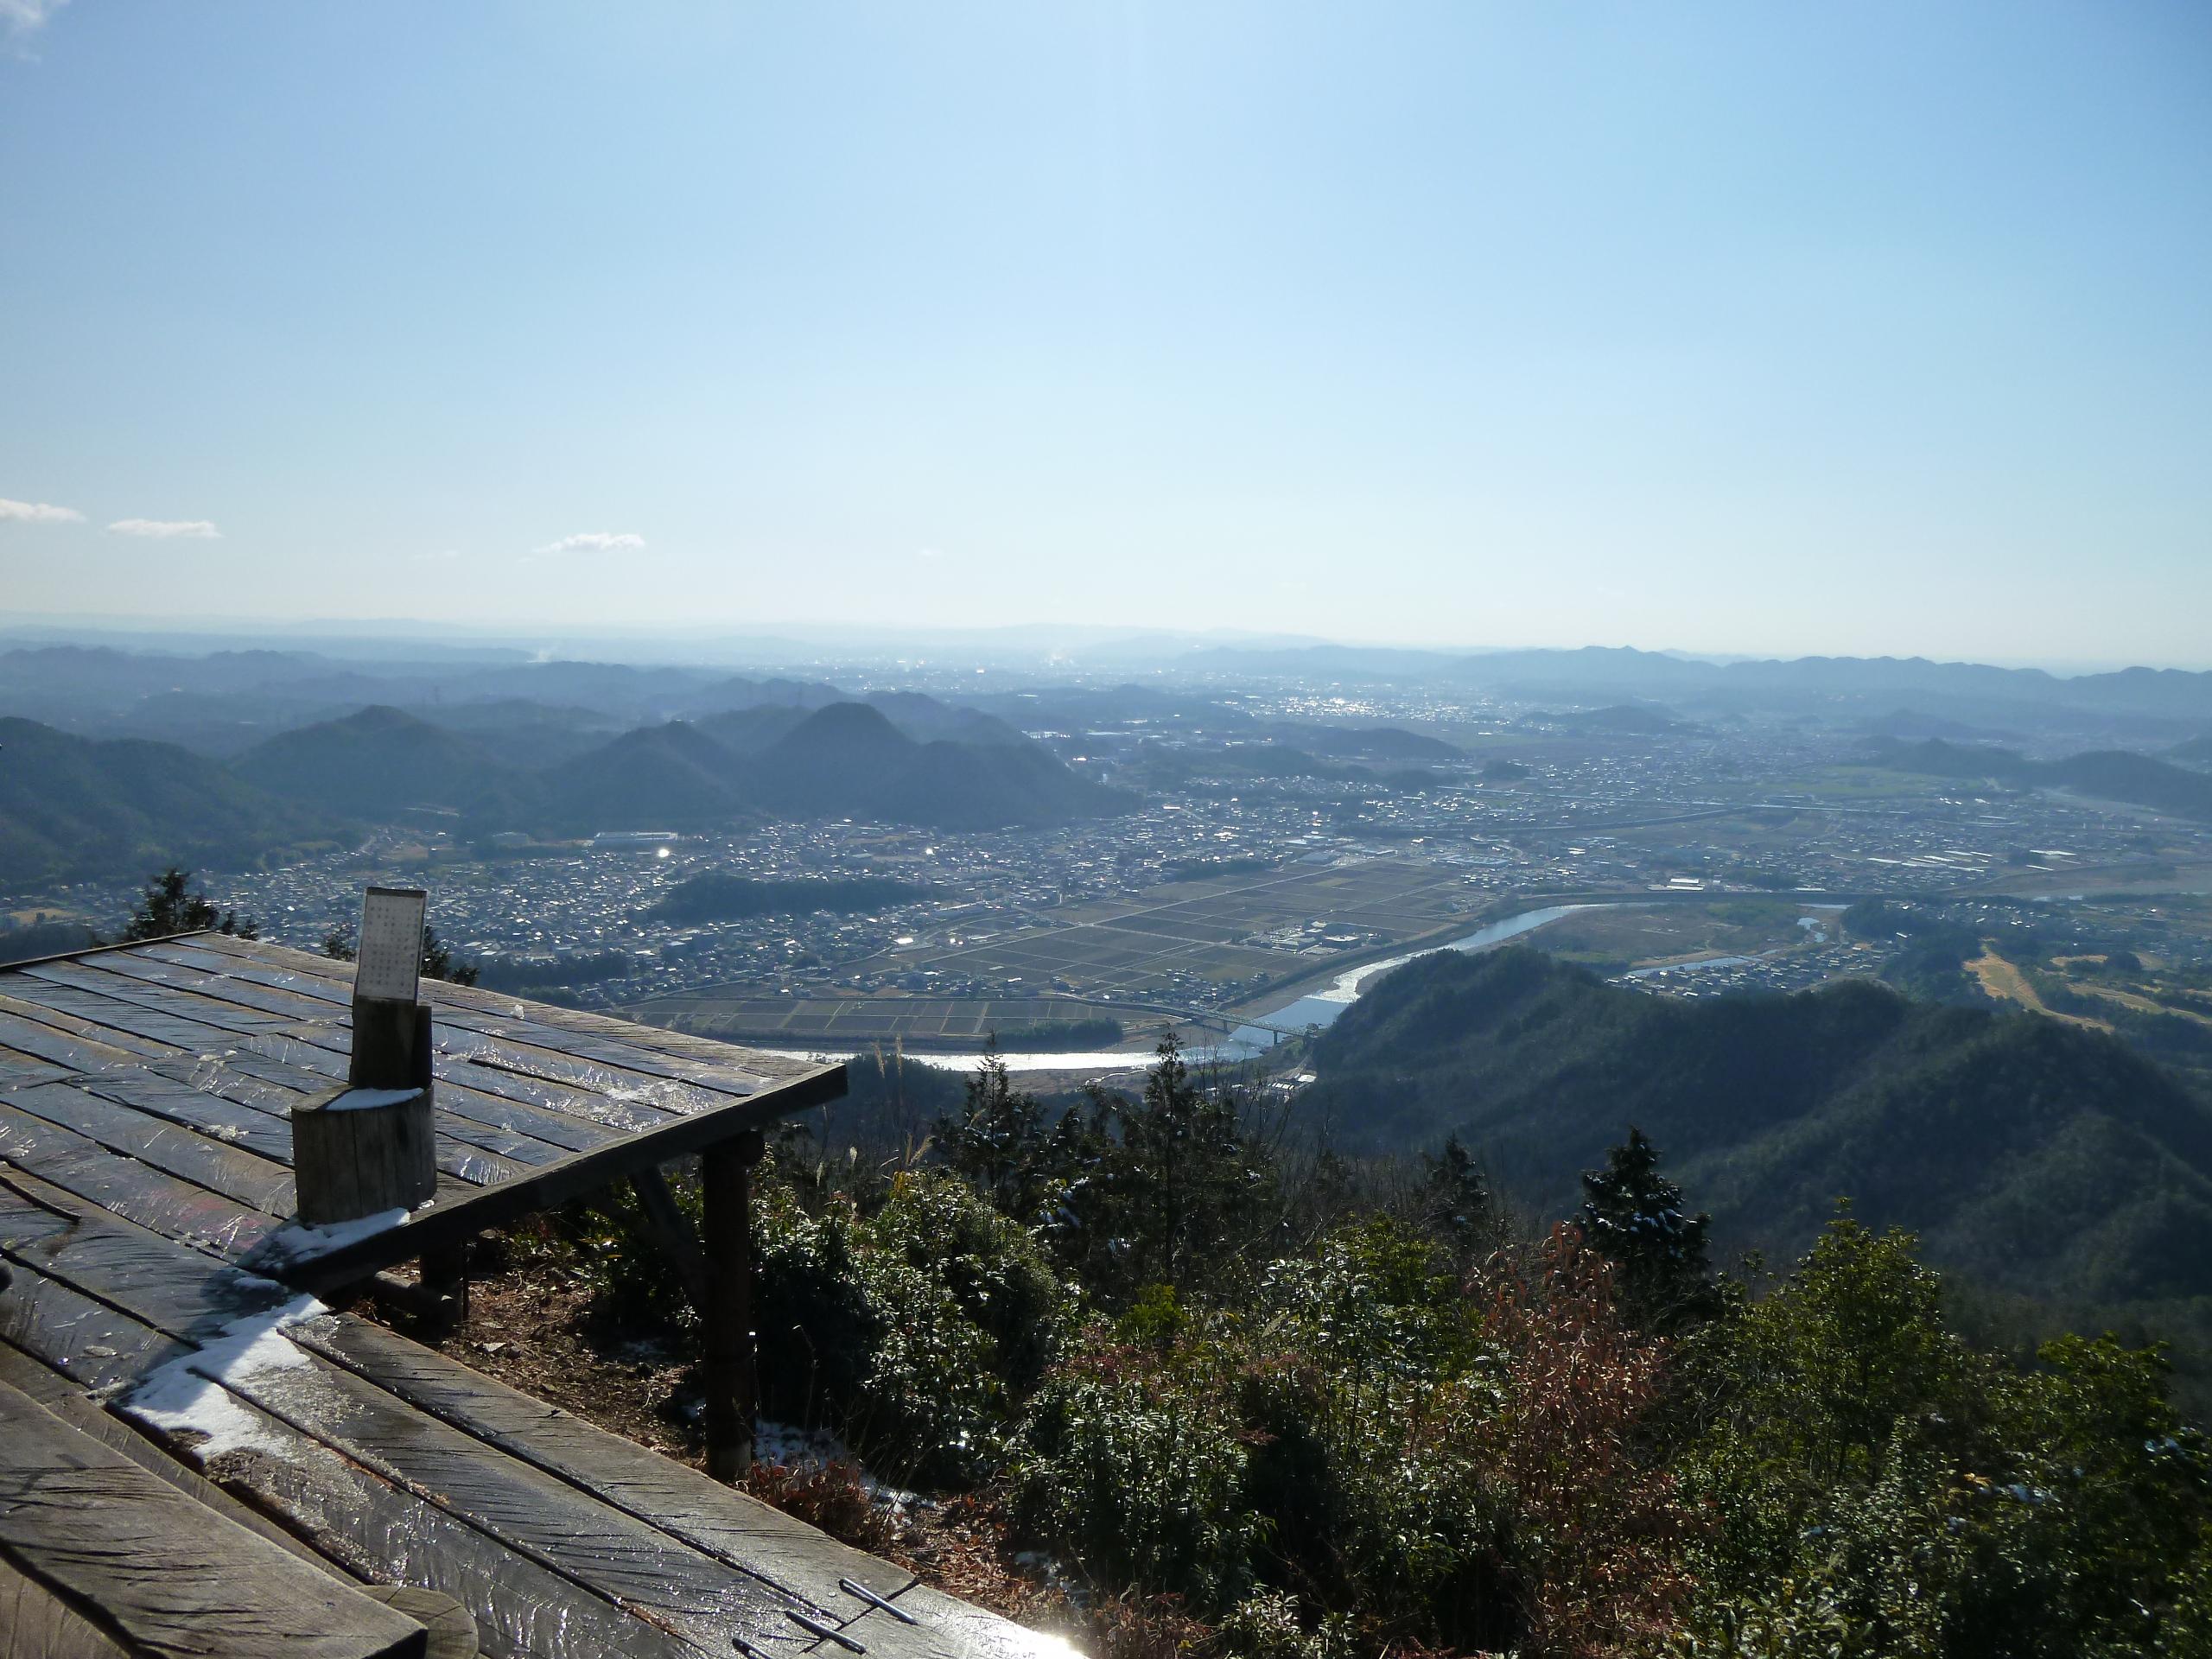 2020/02/11誕生山・天王山『冬の里山にでかけませんか?』